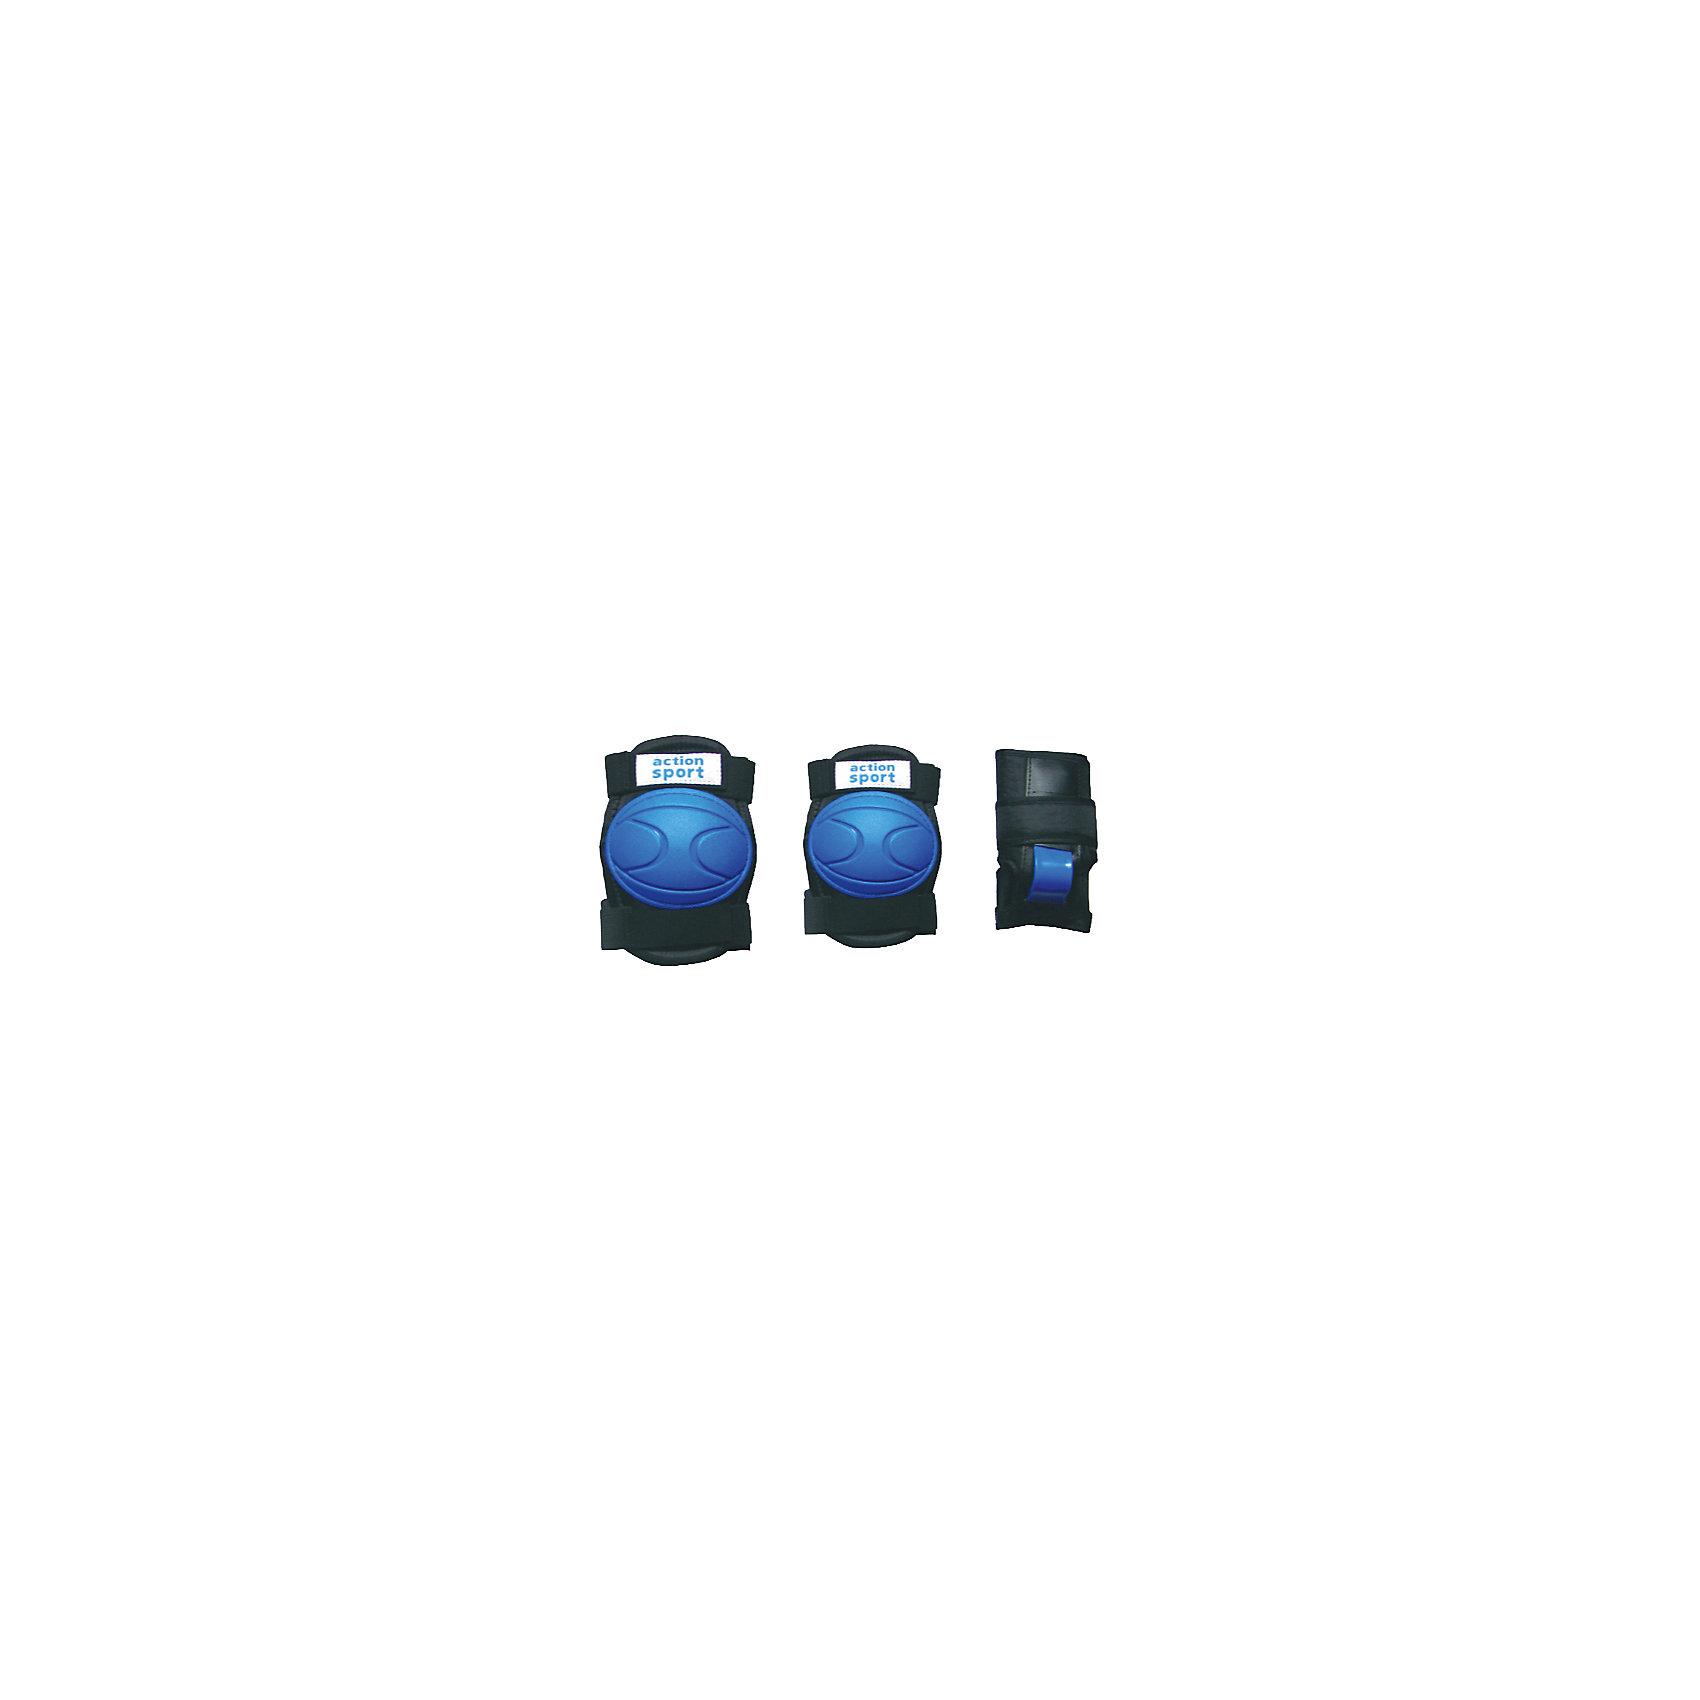 Защита локтя, запястья, колена р.S, ActionОсновные характеристики<br><br>Комплектность: наколенник - 2шт., налокотник - 2шт., наладонник - 2шт.<br>Размер: S (соответствует размерам коньков 31-36)<br>Материалы: основа - нейлон, защитные накладки - поливинилхлорид<br>Цвет: черный/синий<br>Вид использования: любительское катание на роликовых коньках <br>Страна-производитель: Китай<br>Упаковка: полиэтиленовый пакет с европодвесом<br><br>Наиболее распространённой является тройная защита – наколенники, налокотники и наладонники со специальными пластинами на запястьях. Такой набор защиты для катания на роликовых коньках считается оптимальным, предохраняя от травм самые уязвимые места при катании.<br><br>Ширина мм: 10<br>Глубина мм: 350<br>Высота мм: 160<br>Вес г: 300<br>Возраст от месяцев: 36<br>Возраст до месяцев: 192<br>Пол: Унисекс<br>Возраст: Детский<br>SKU: 5056594